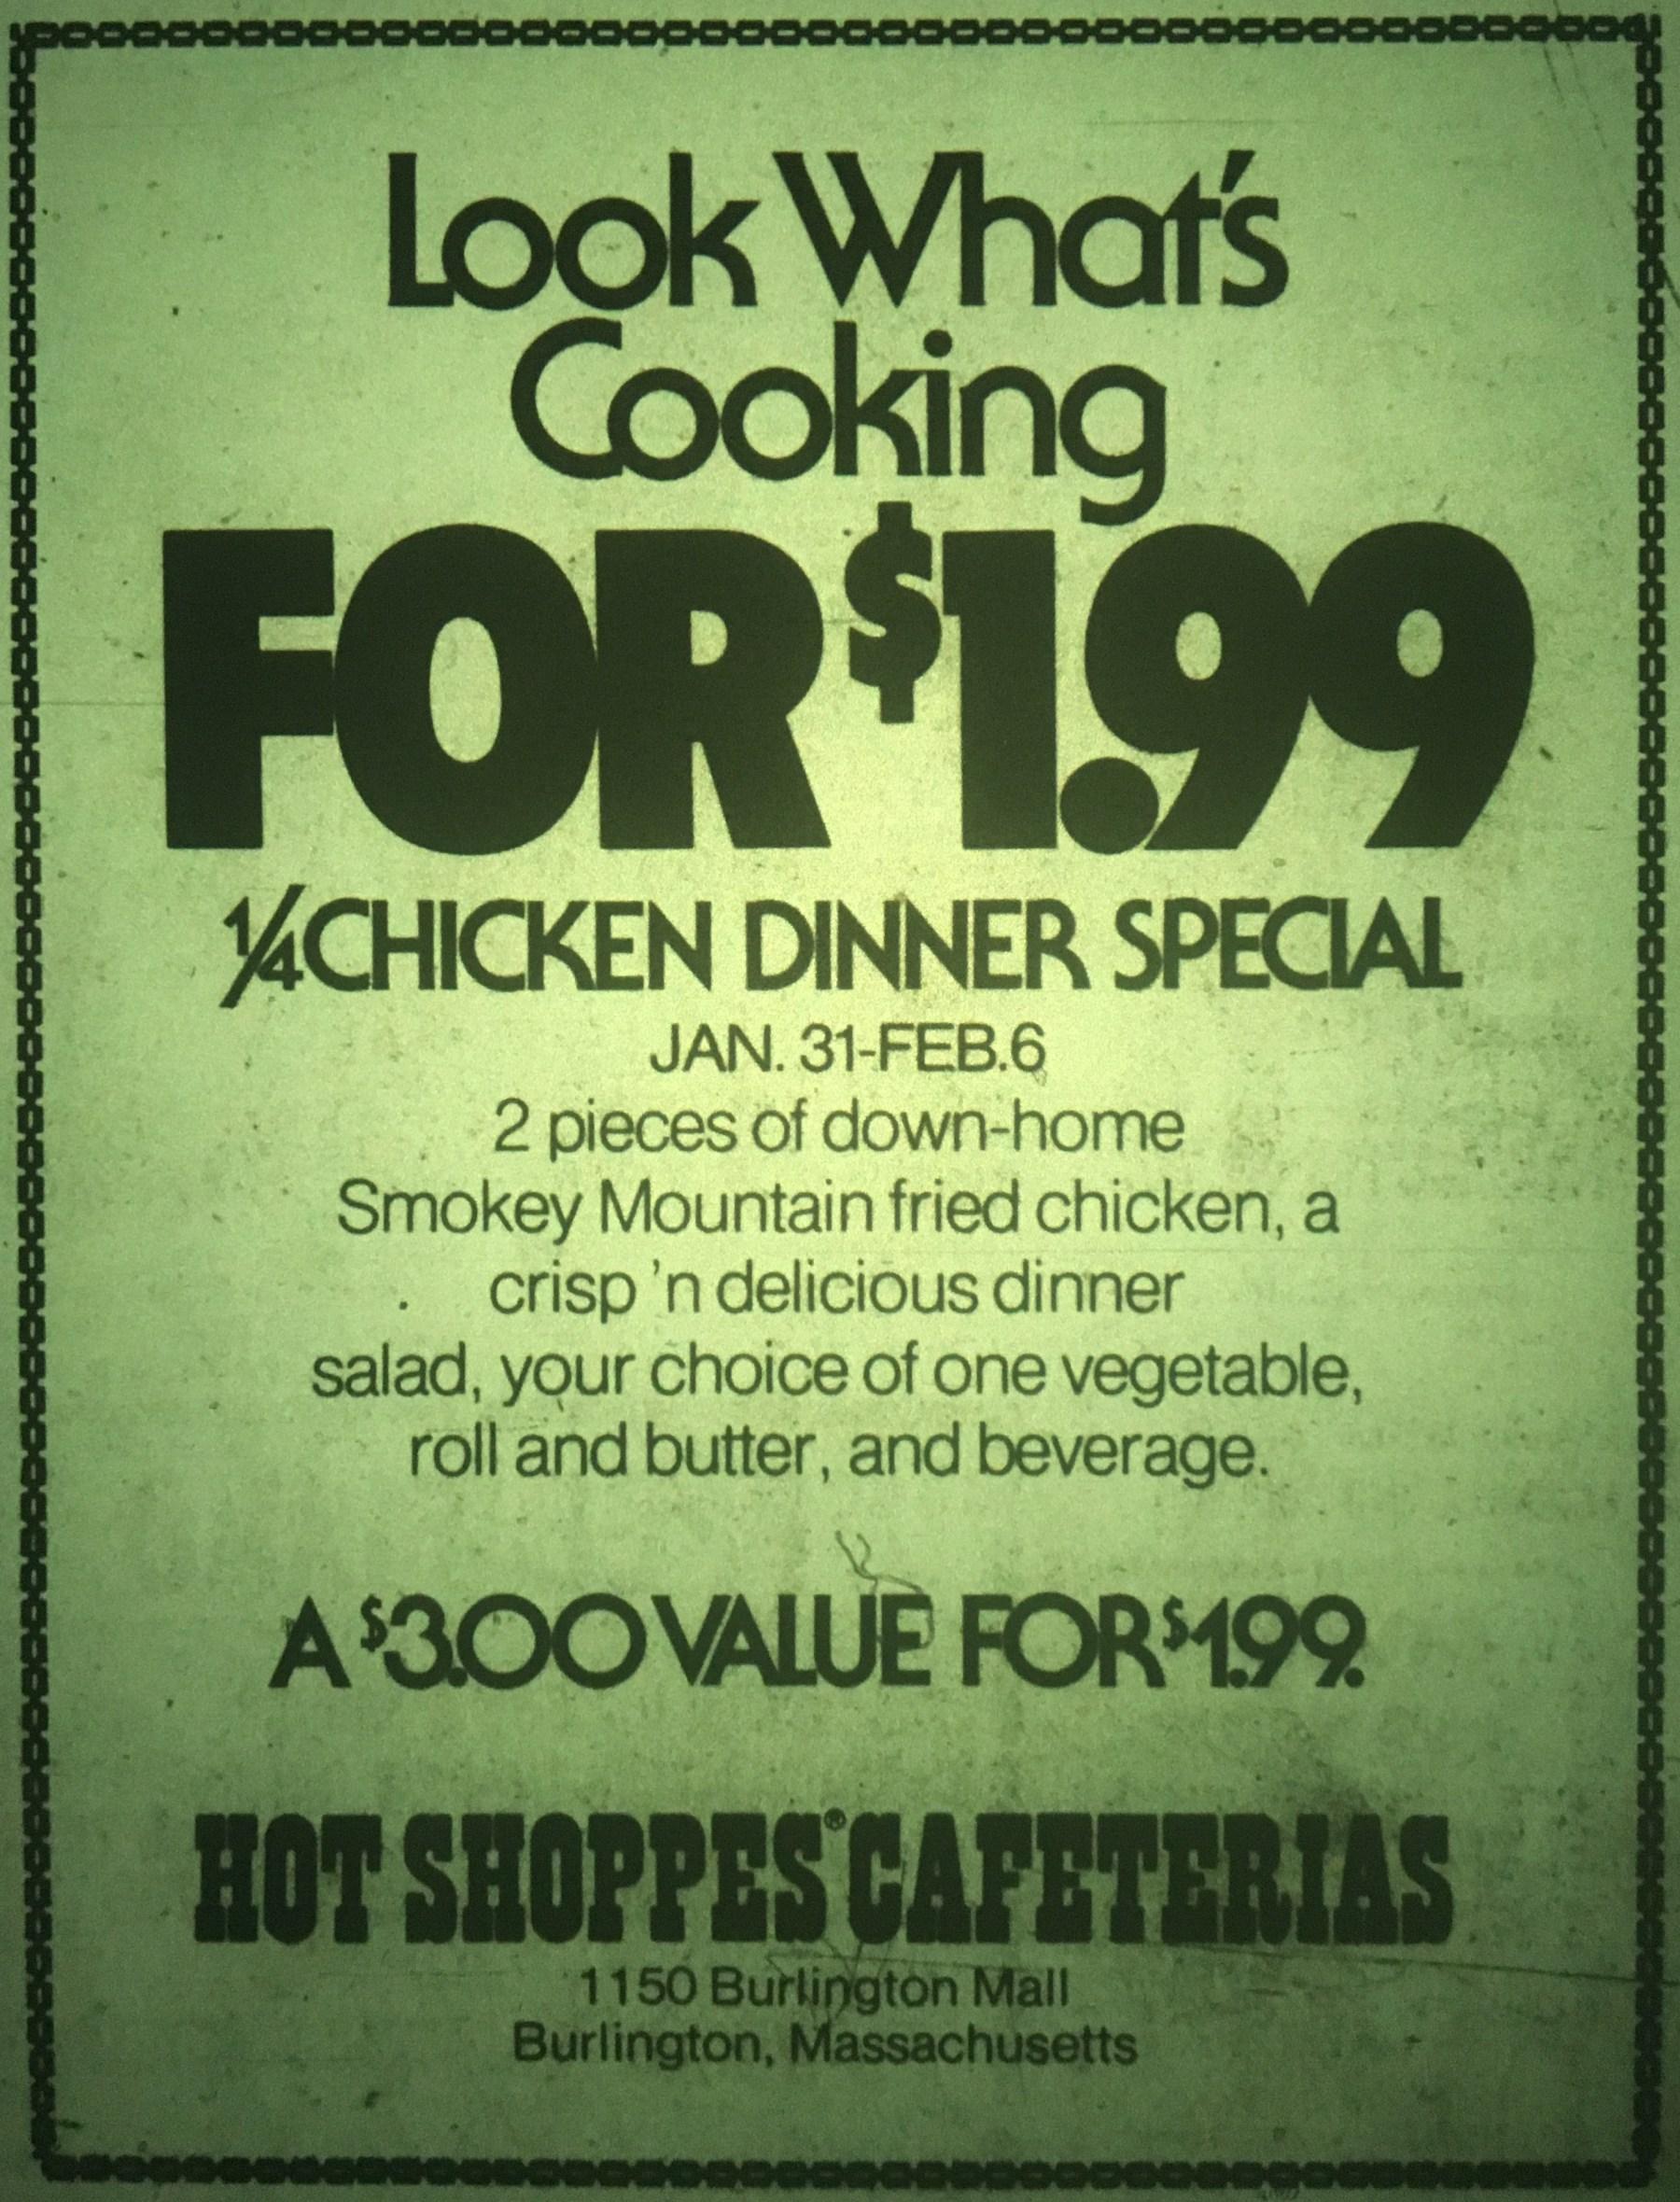 Hot Shoppes Cafeterias, Burlington MA